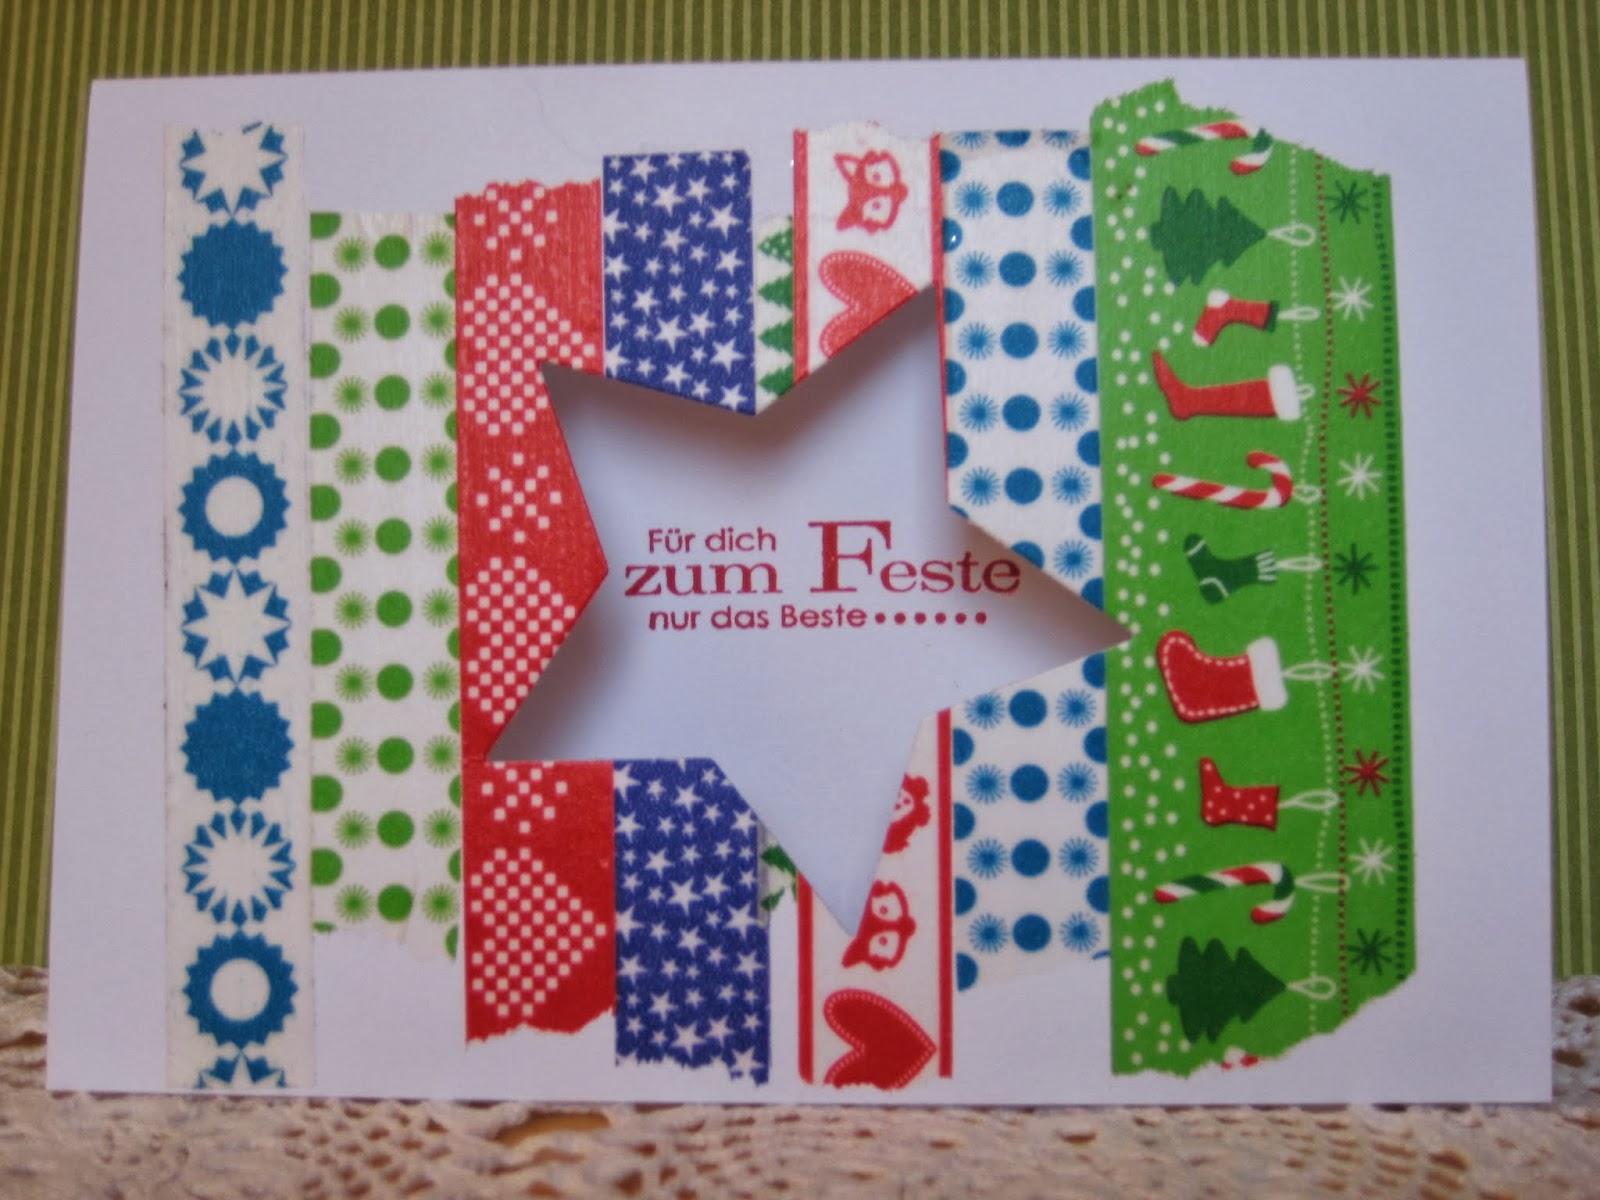 karos kreativ kram einfache weihnachtskarten mit washi tape. Black Bedroom Furniture Sets. Home Design Ideas